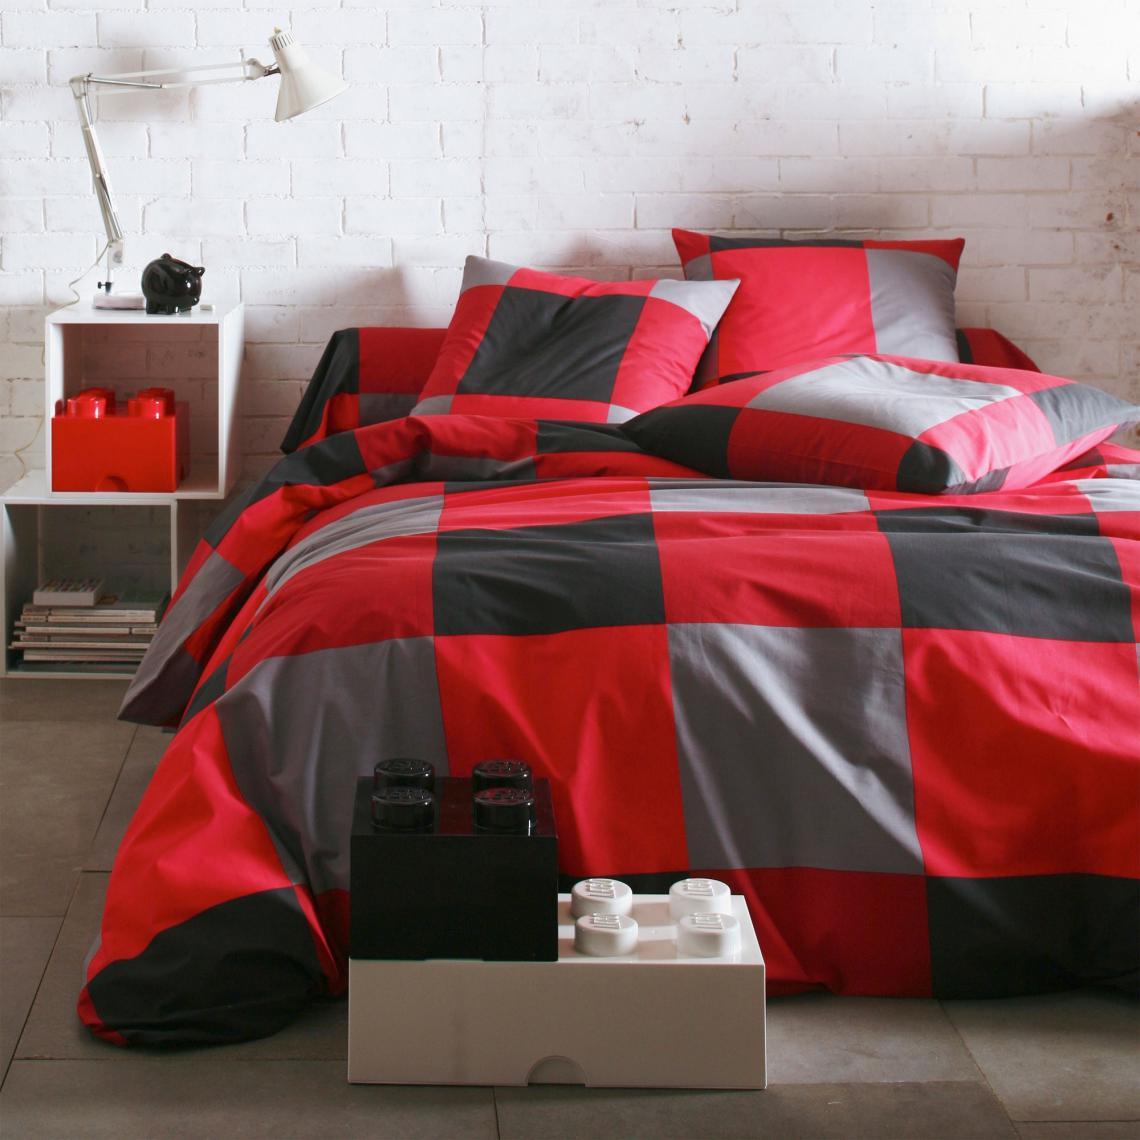 0d01fd6f93f9a Housse de couette en pur coton imprimé KUBIKAL - Rouge 3 SUISSES Collection  Linge de maison